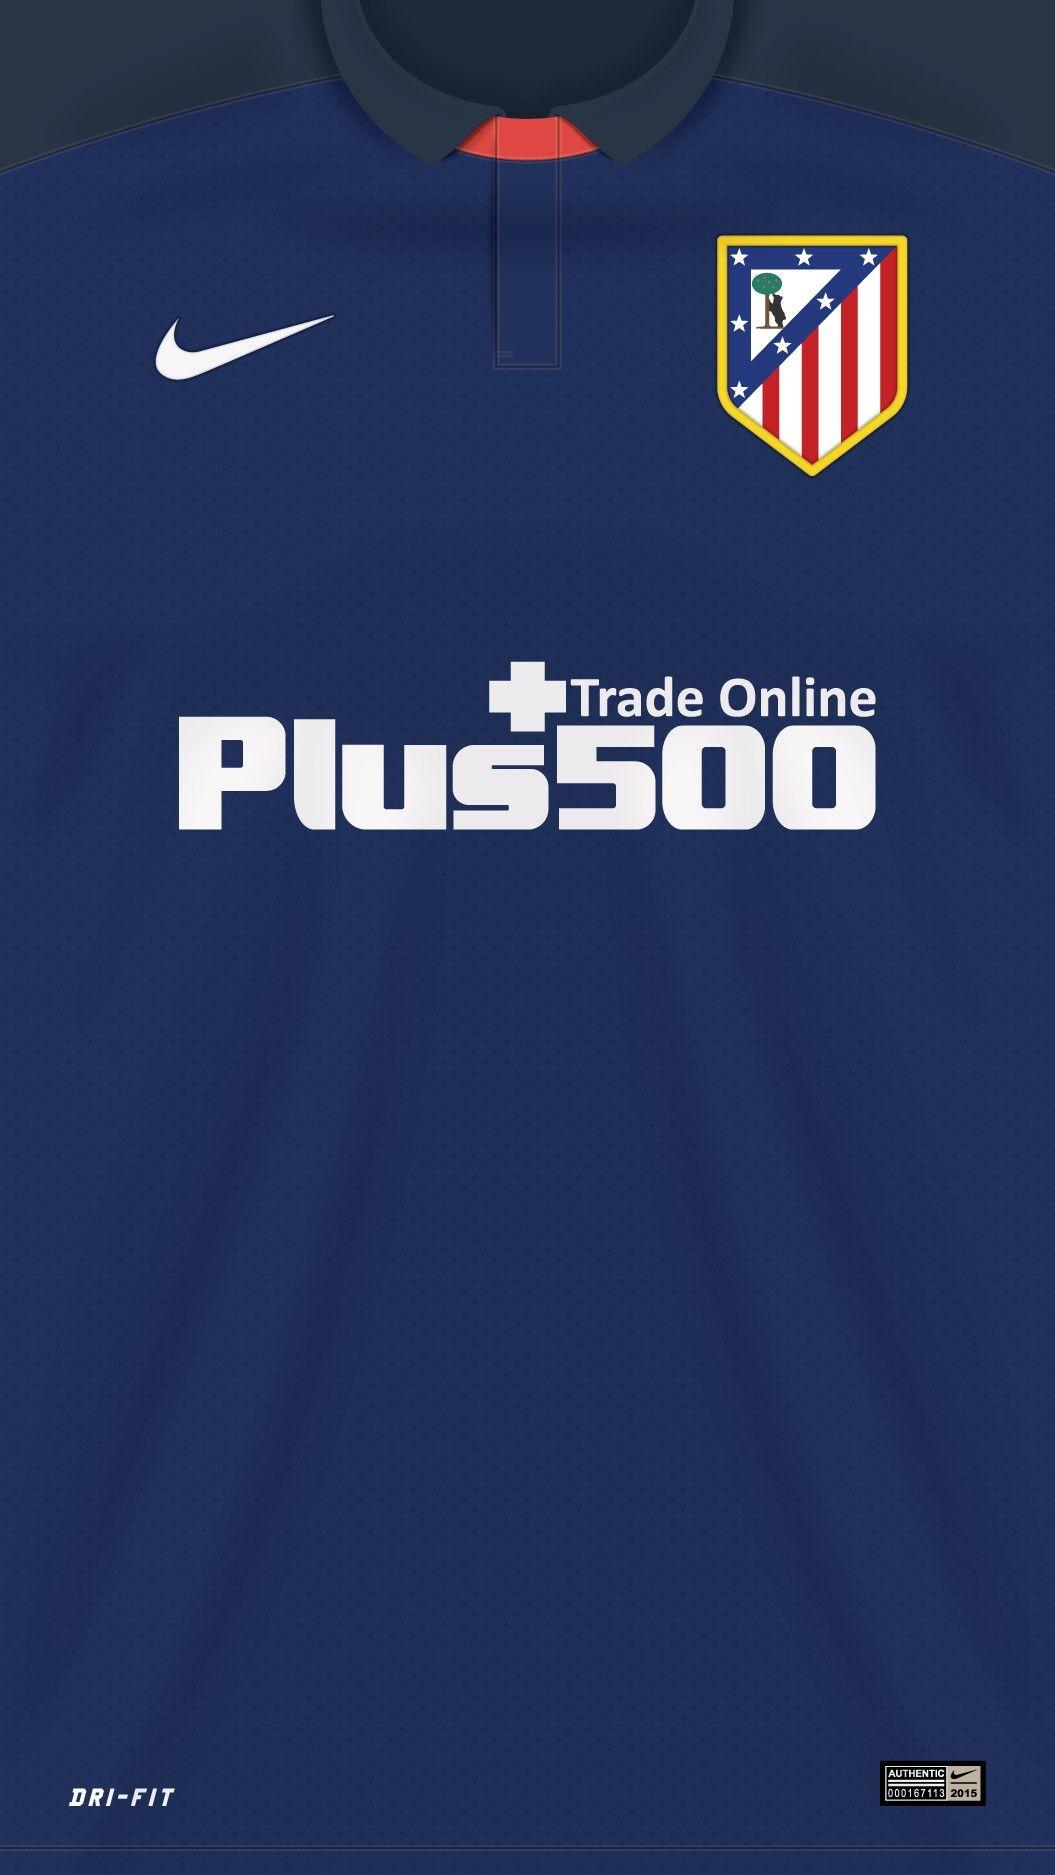 Atletico madrid wallpaper football wallpaper pinterest atletico madrid wallpaper voltagebd Gallery